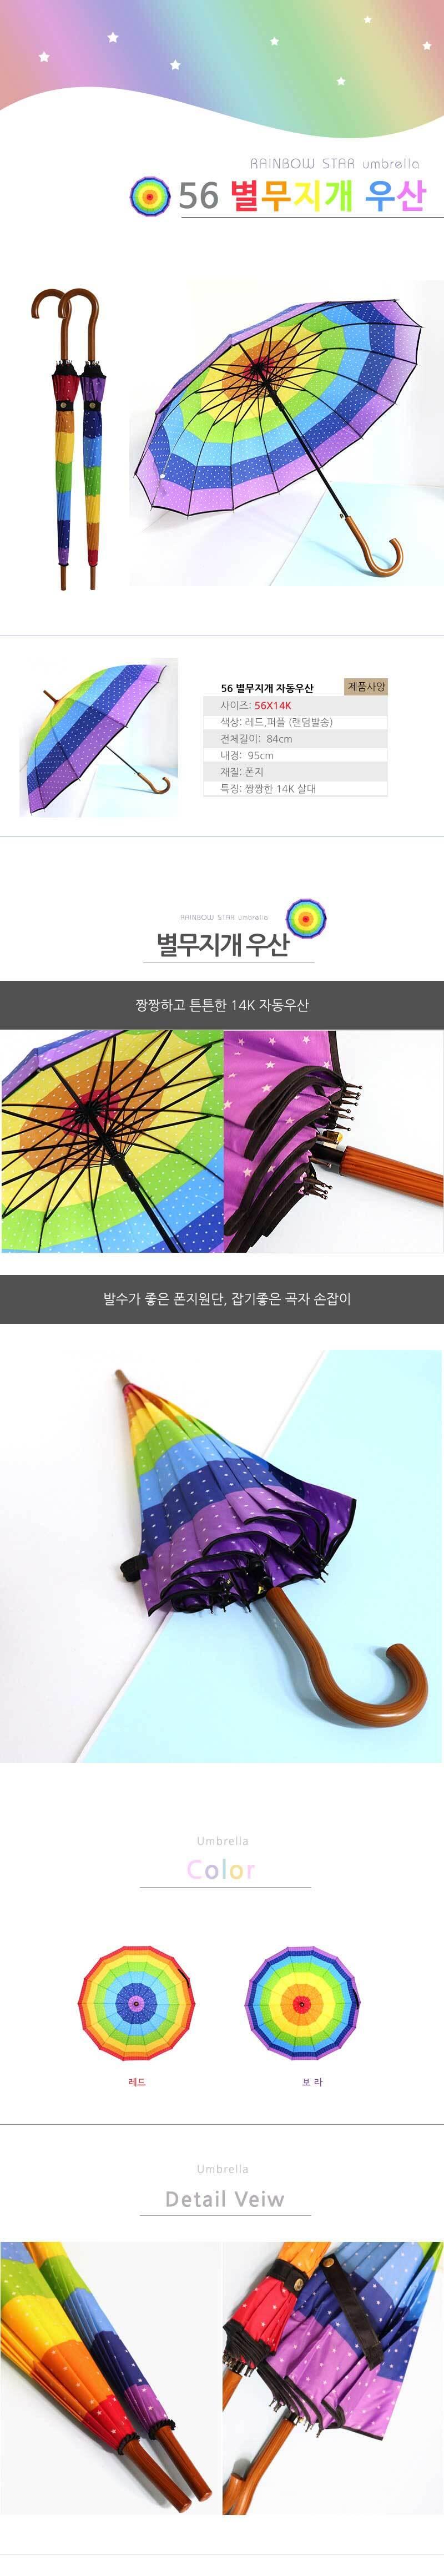 짱짱한 14k살대 별무지개 56폰지 장우산 색상랜덤 - 익스트리모, 13,000원, 우산, 수동장우산